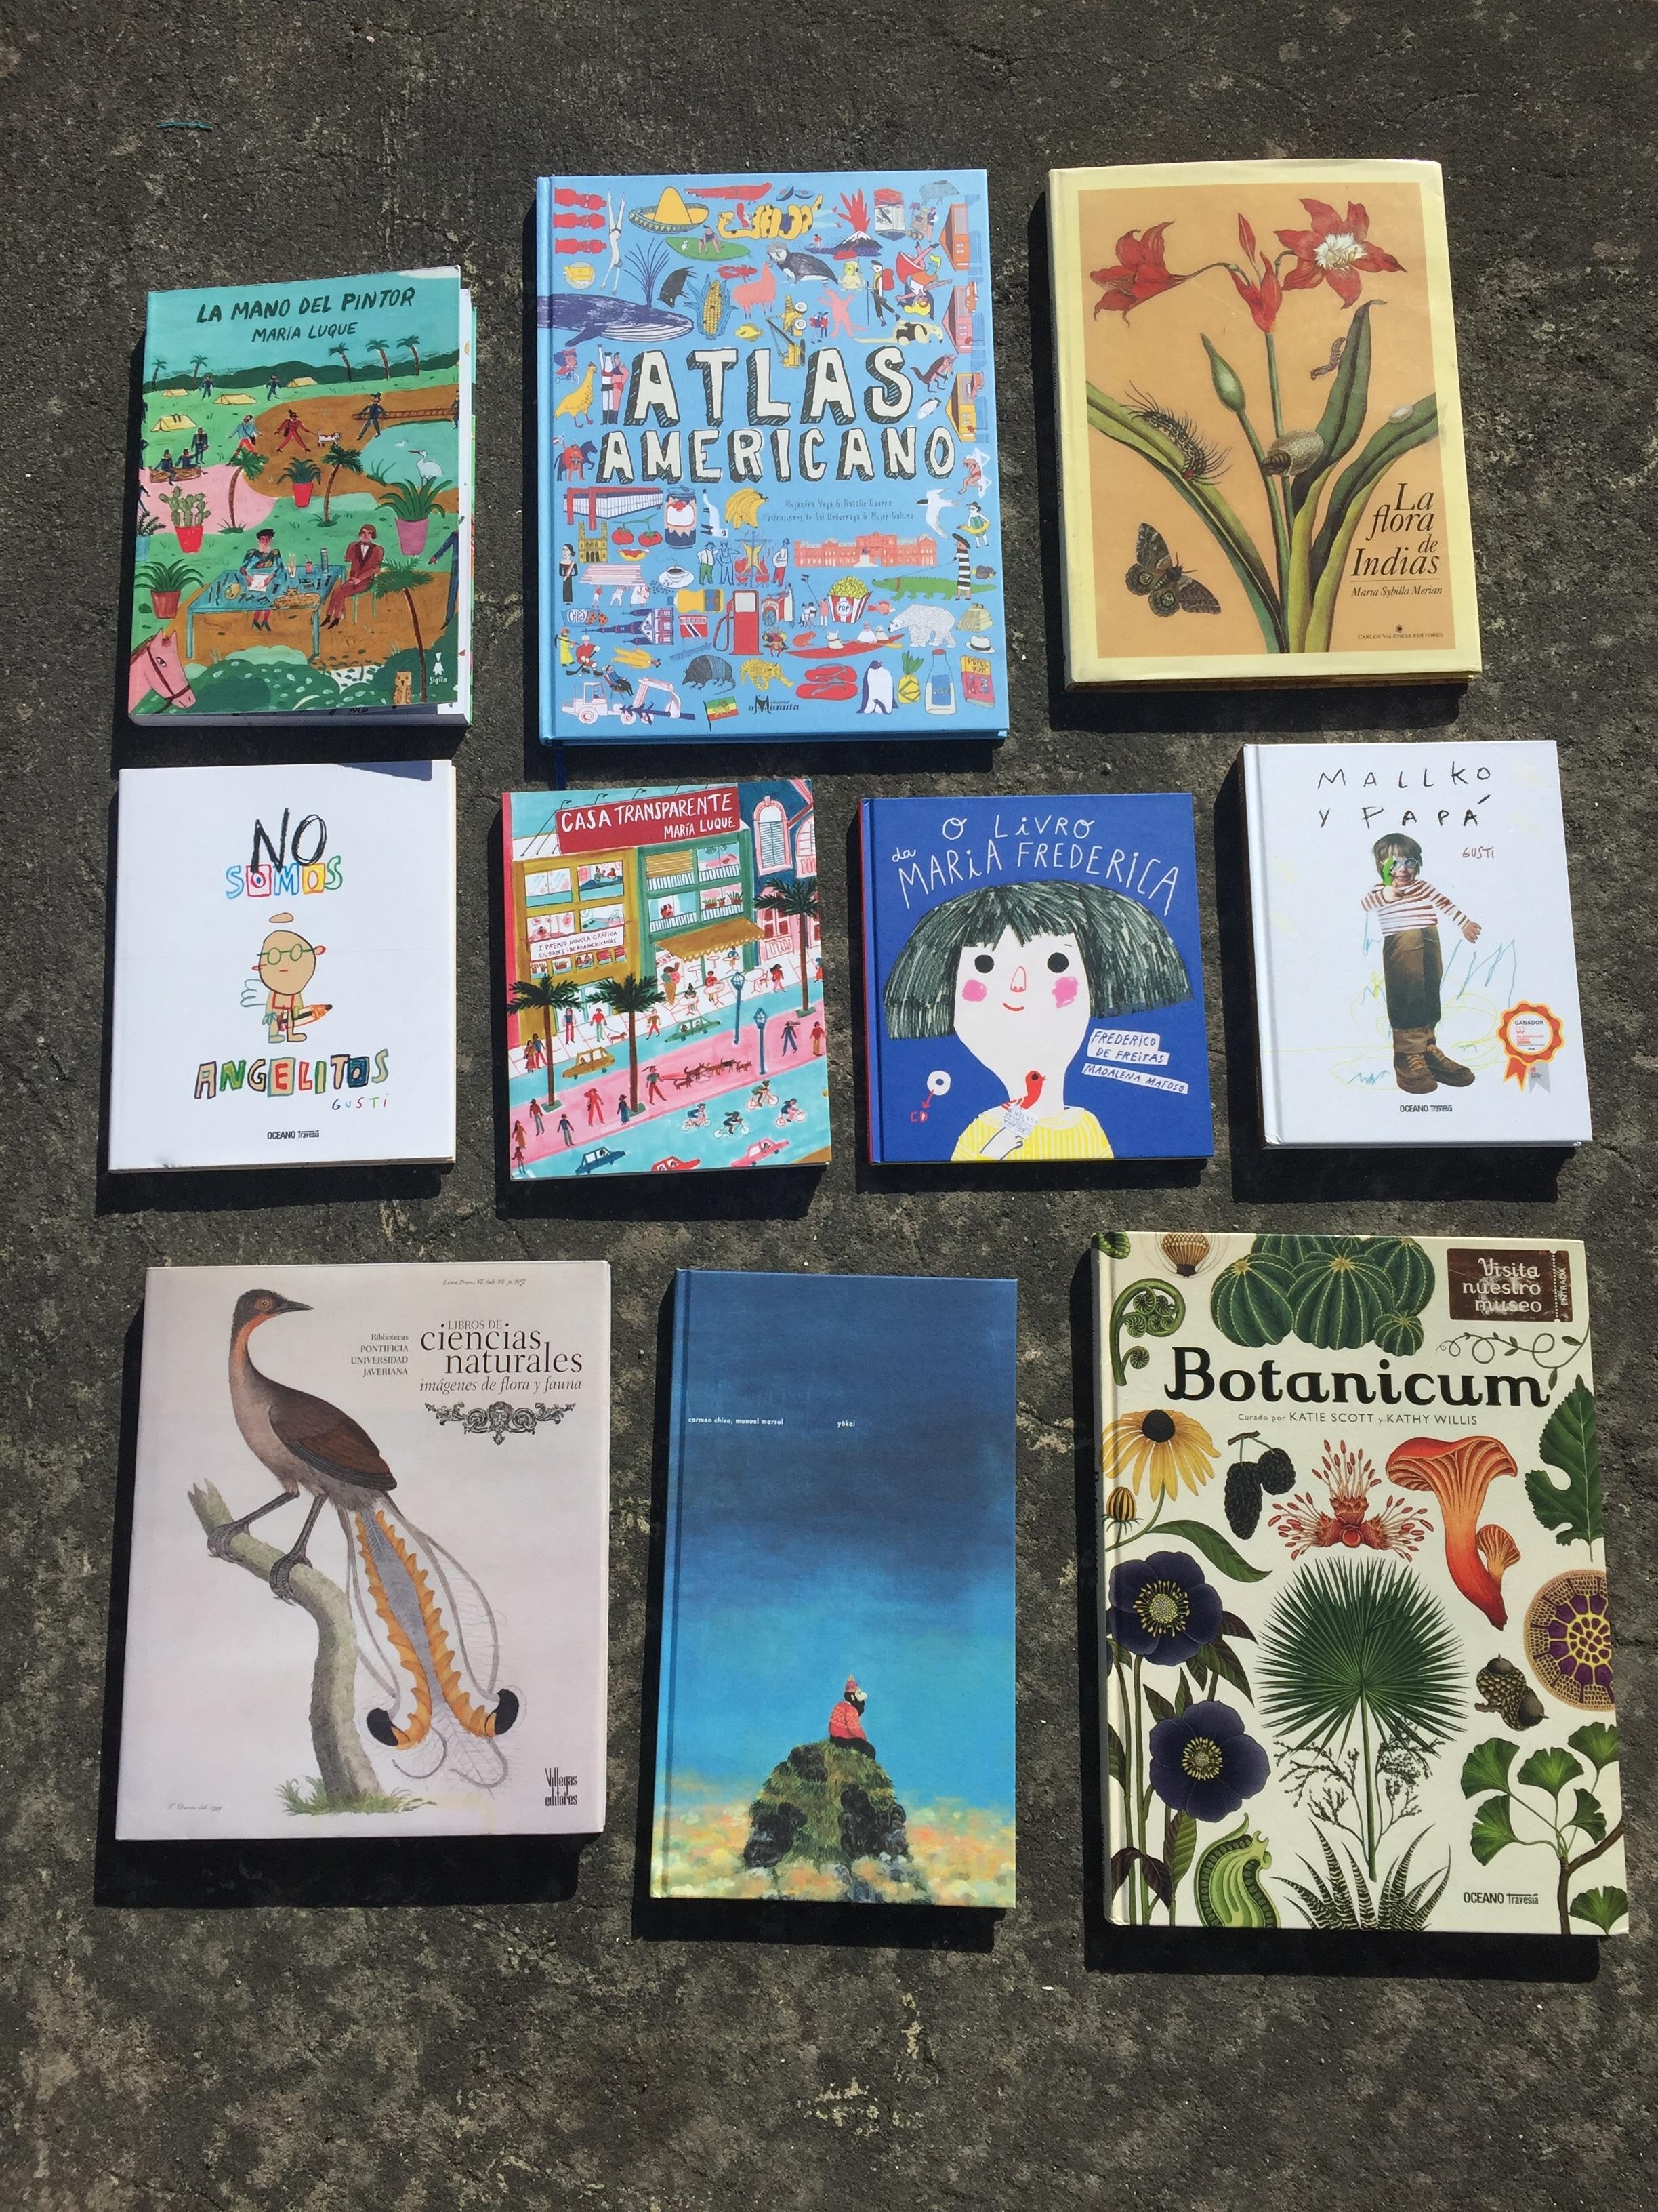 Los libros que compré / The books that I bought